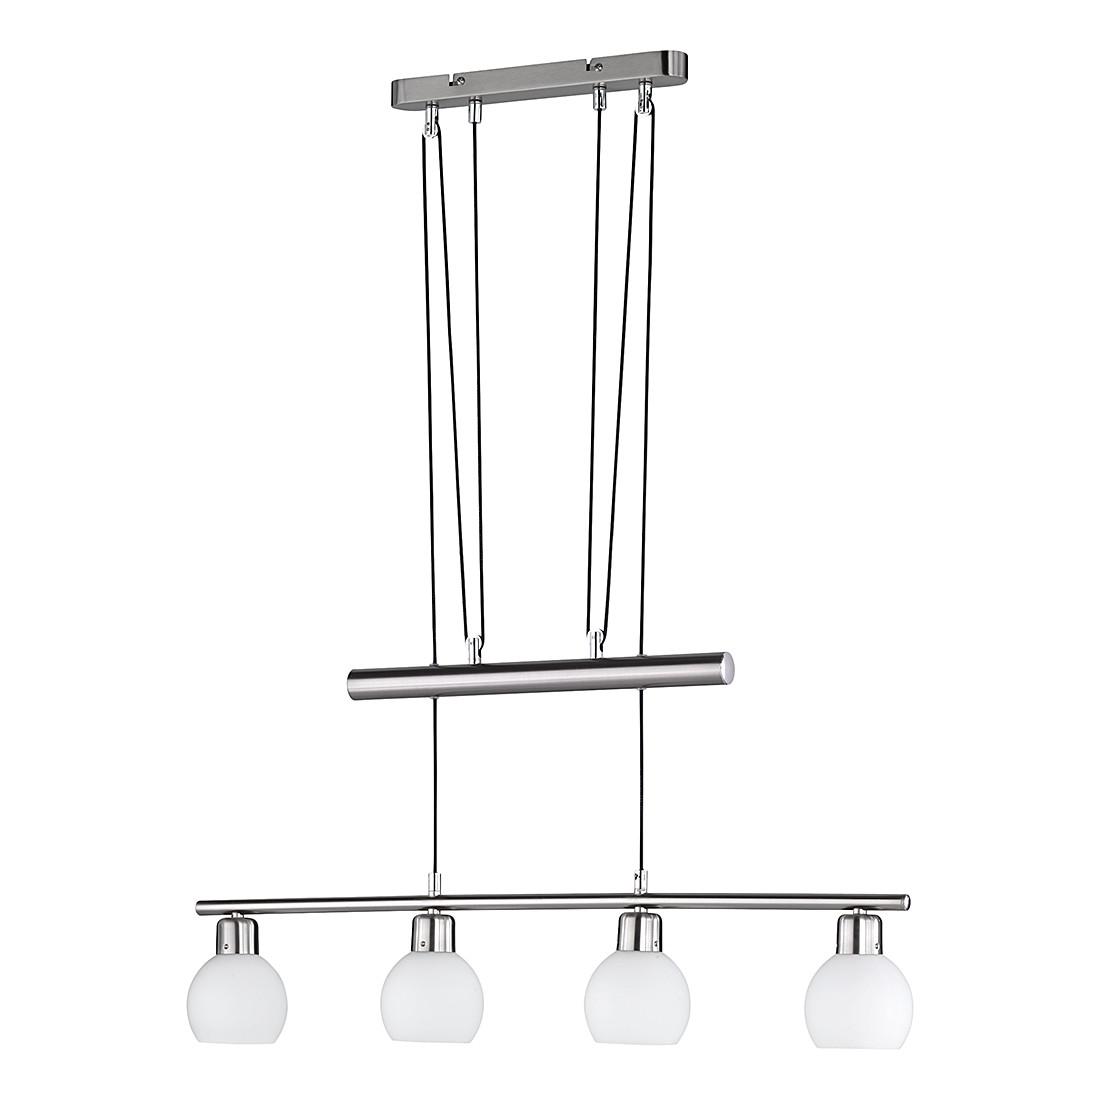 LED-JoJo-Pendelleuchte ● Nickel ● 4x4 W- Lux A++